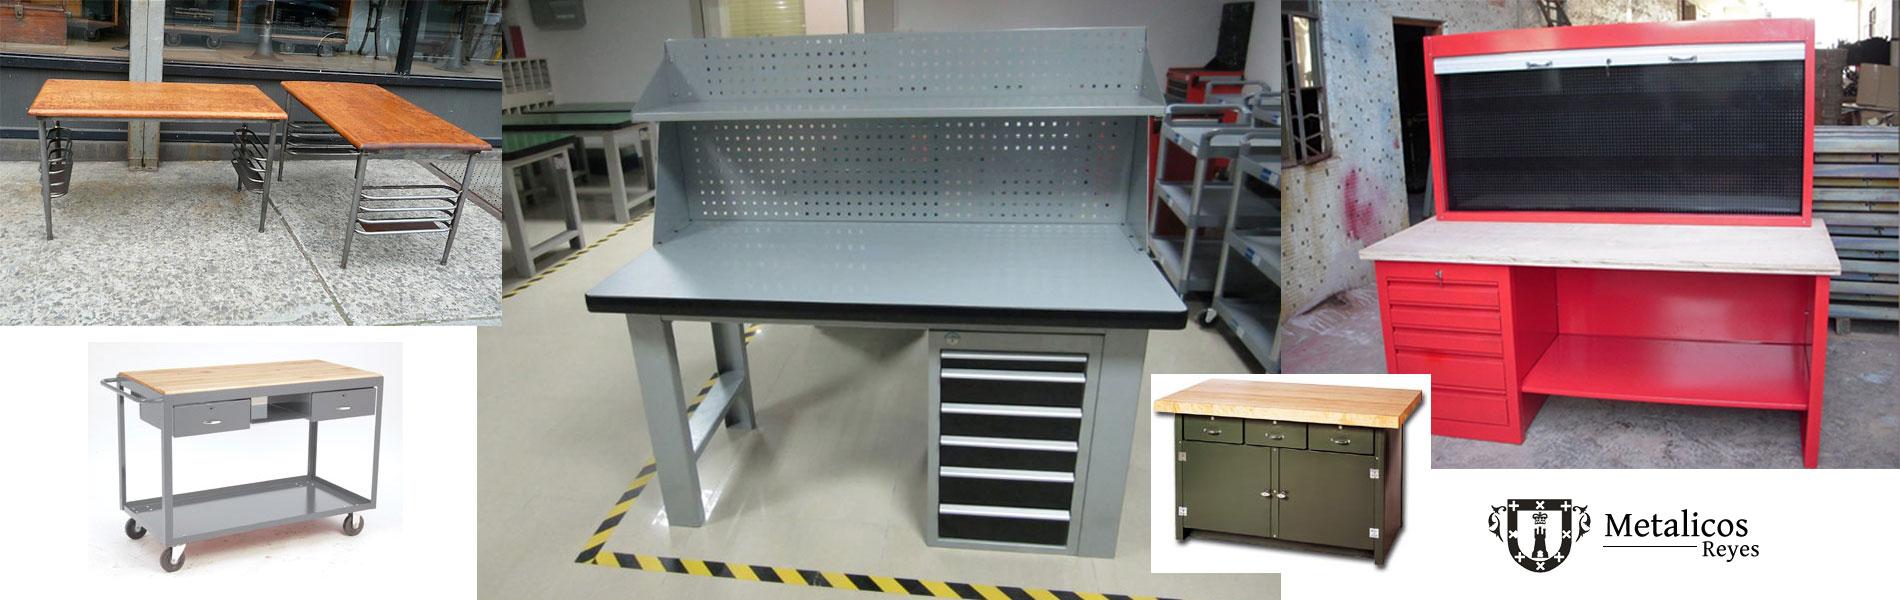 Metalicos reyes fabricantes de muebles de metal para la for Pedestales metalicos para mesas